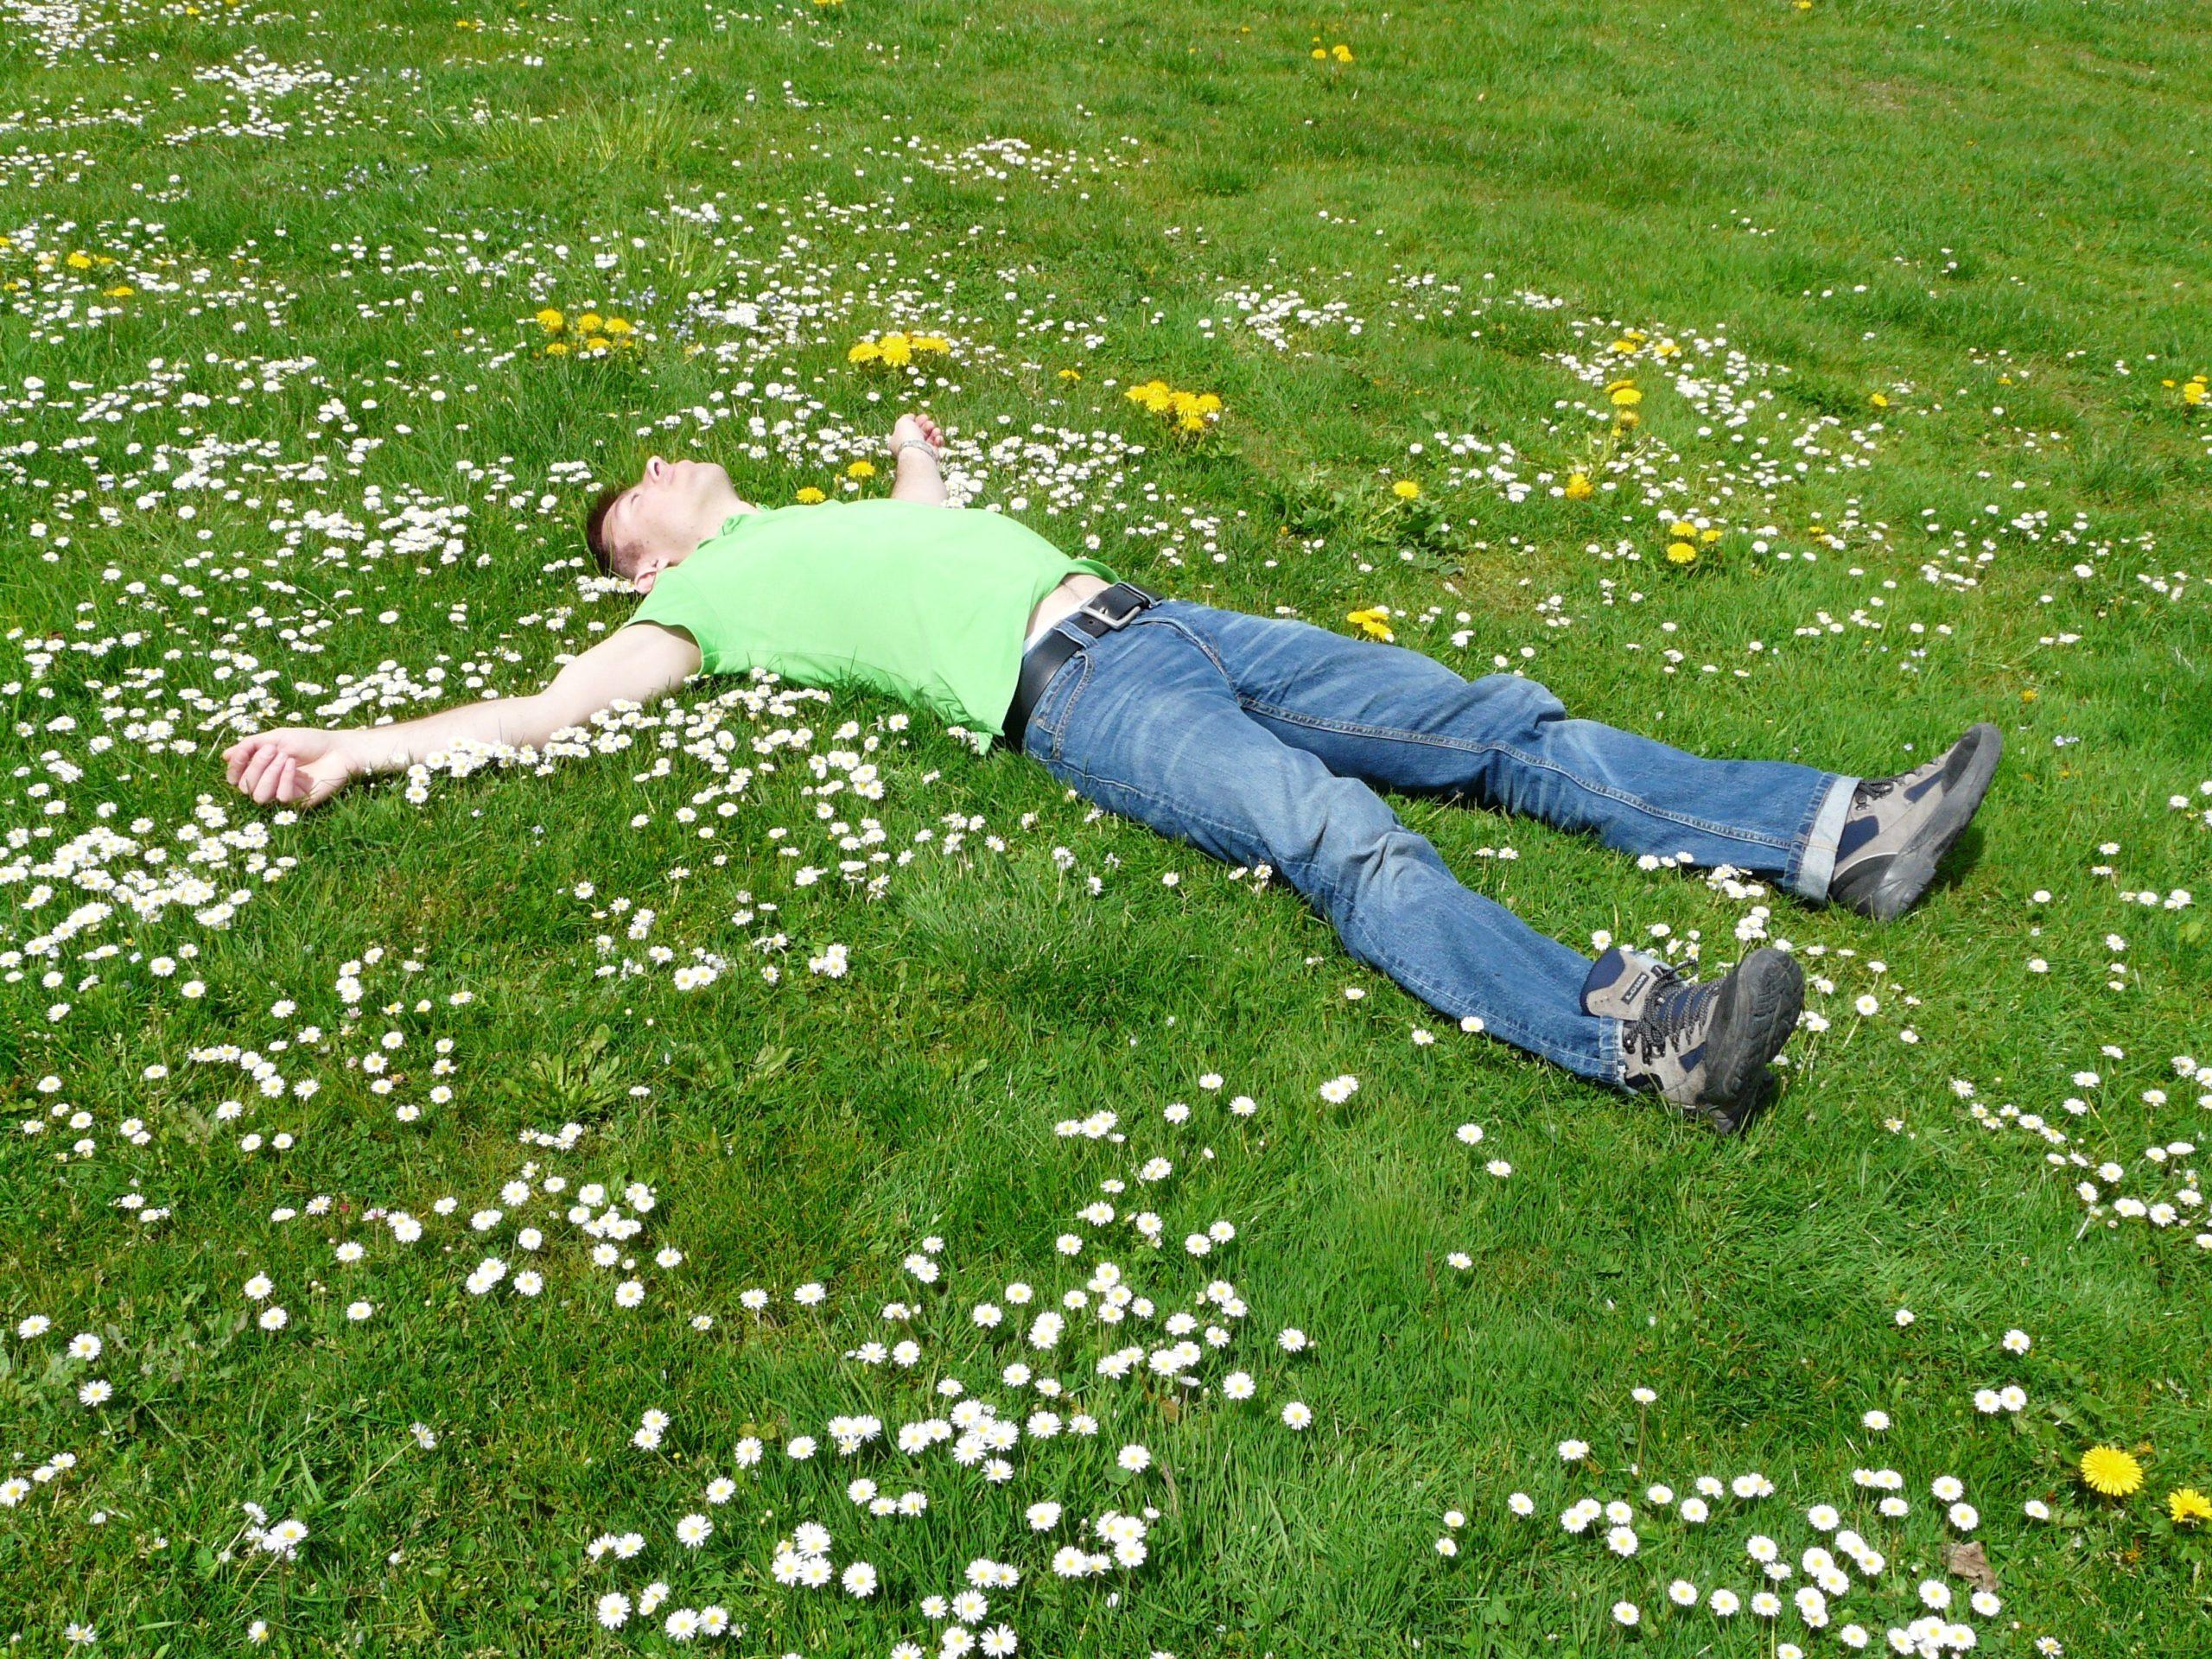 S'allonger sur le sol permet de se reconnecter à la nature et à son environnement et permet de faire intervenir tous sens sens dont celui du toucher.